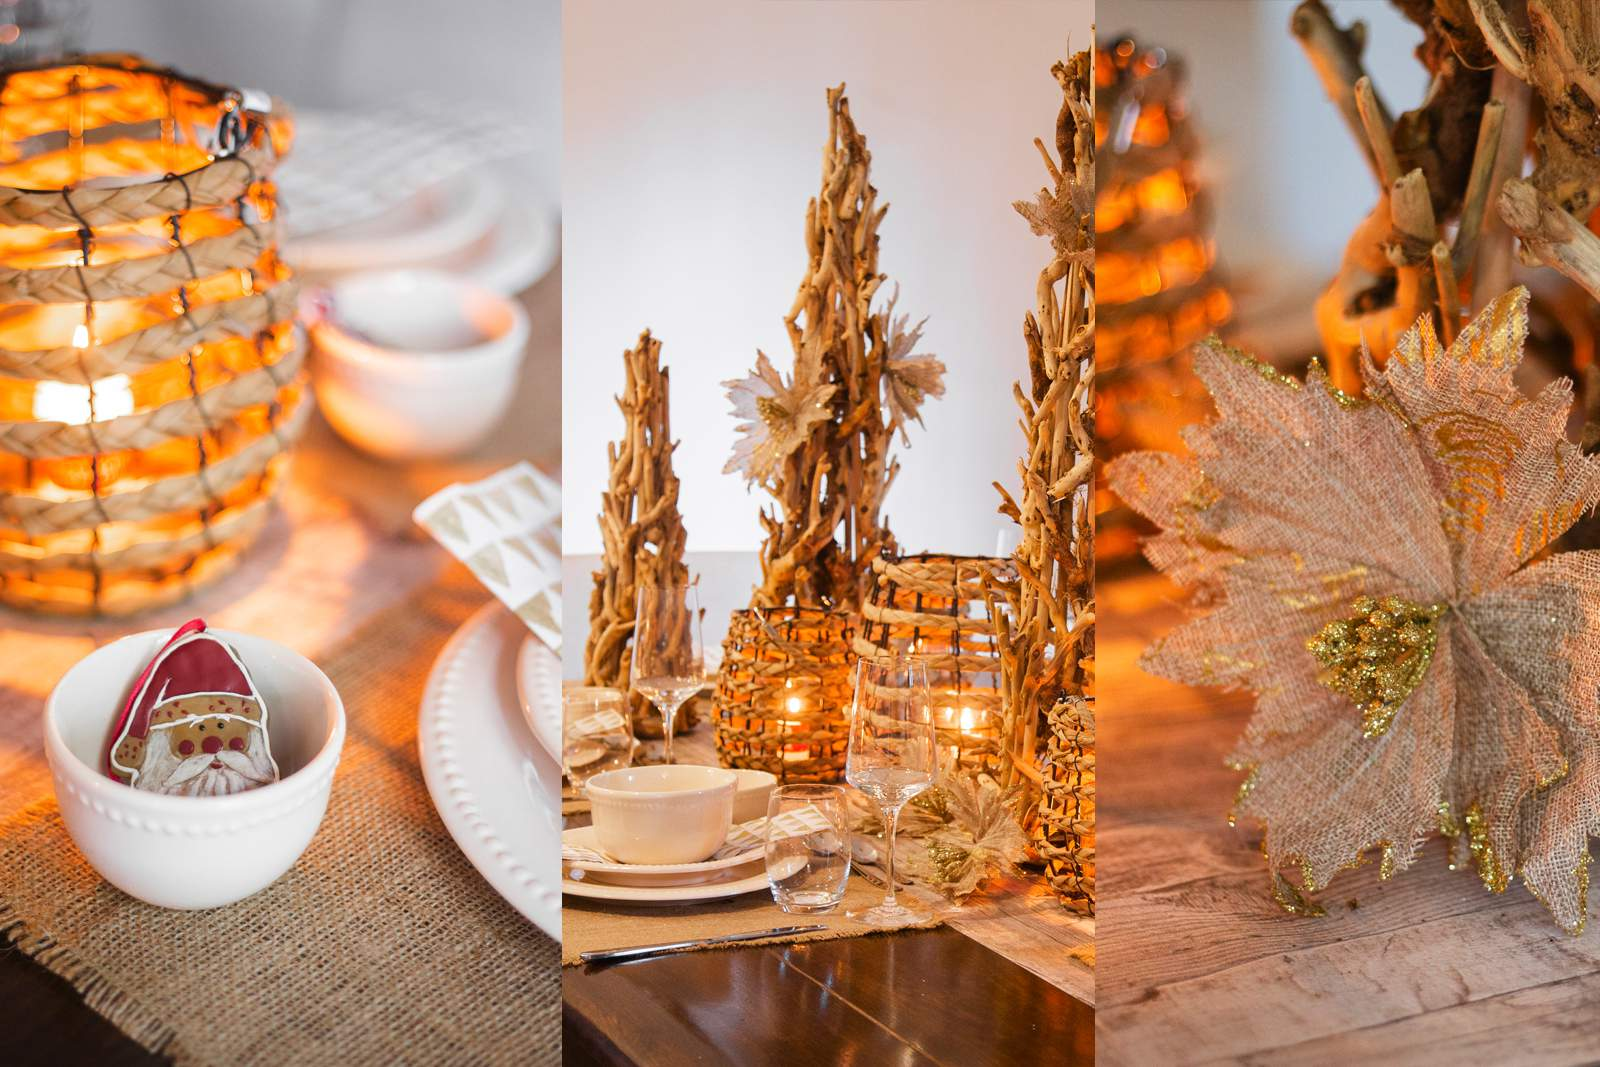 Cómo decorar tu mesa de Navidad en 5 pasos